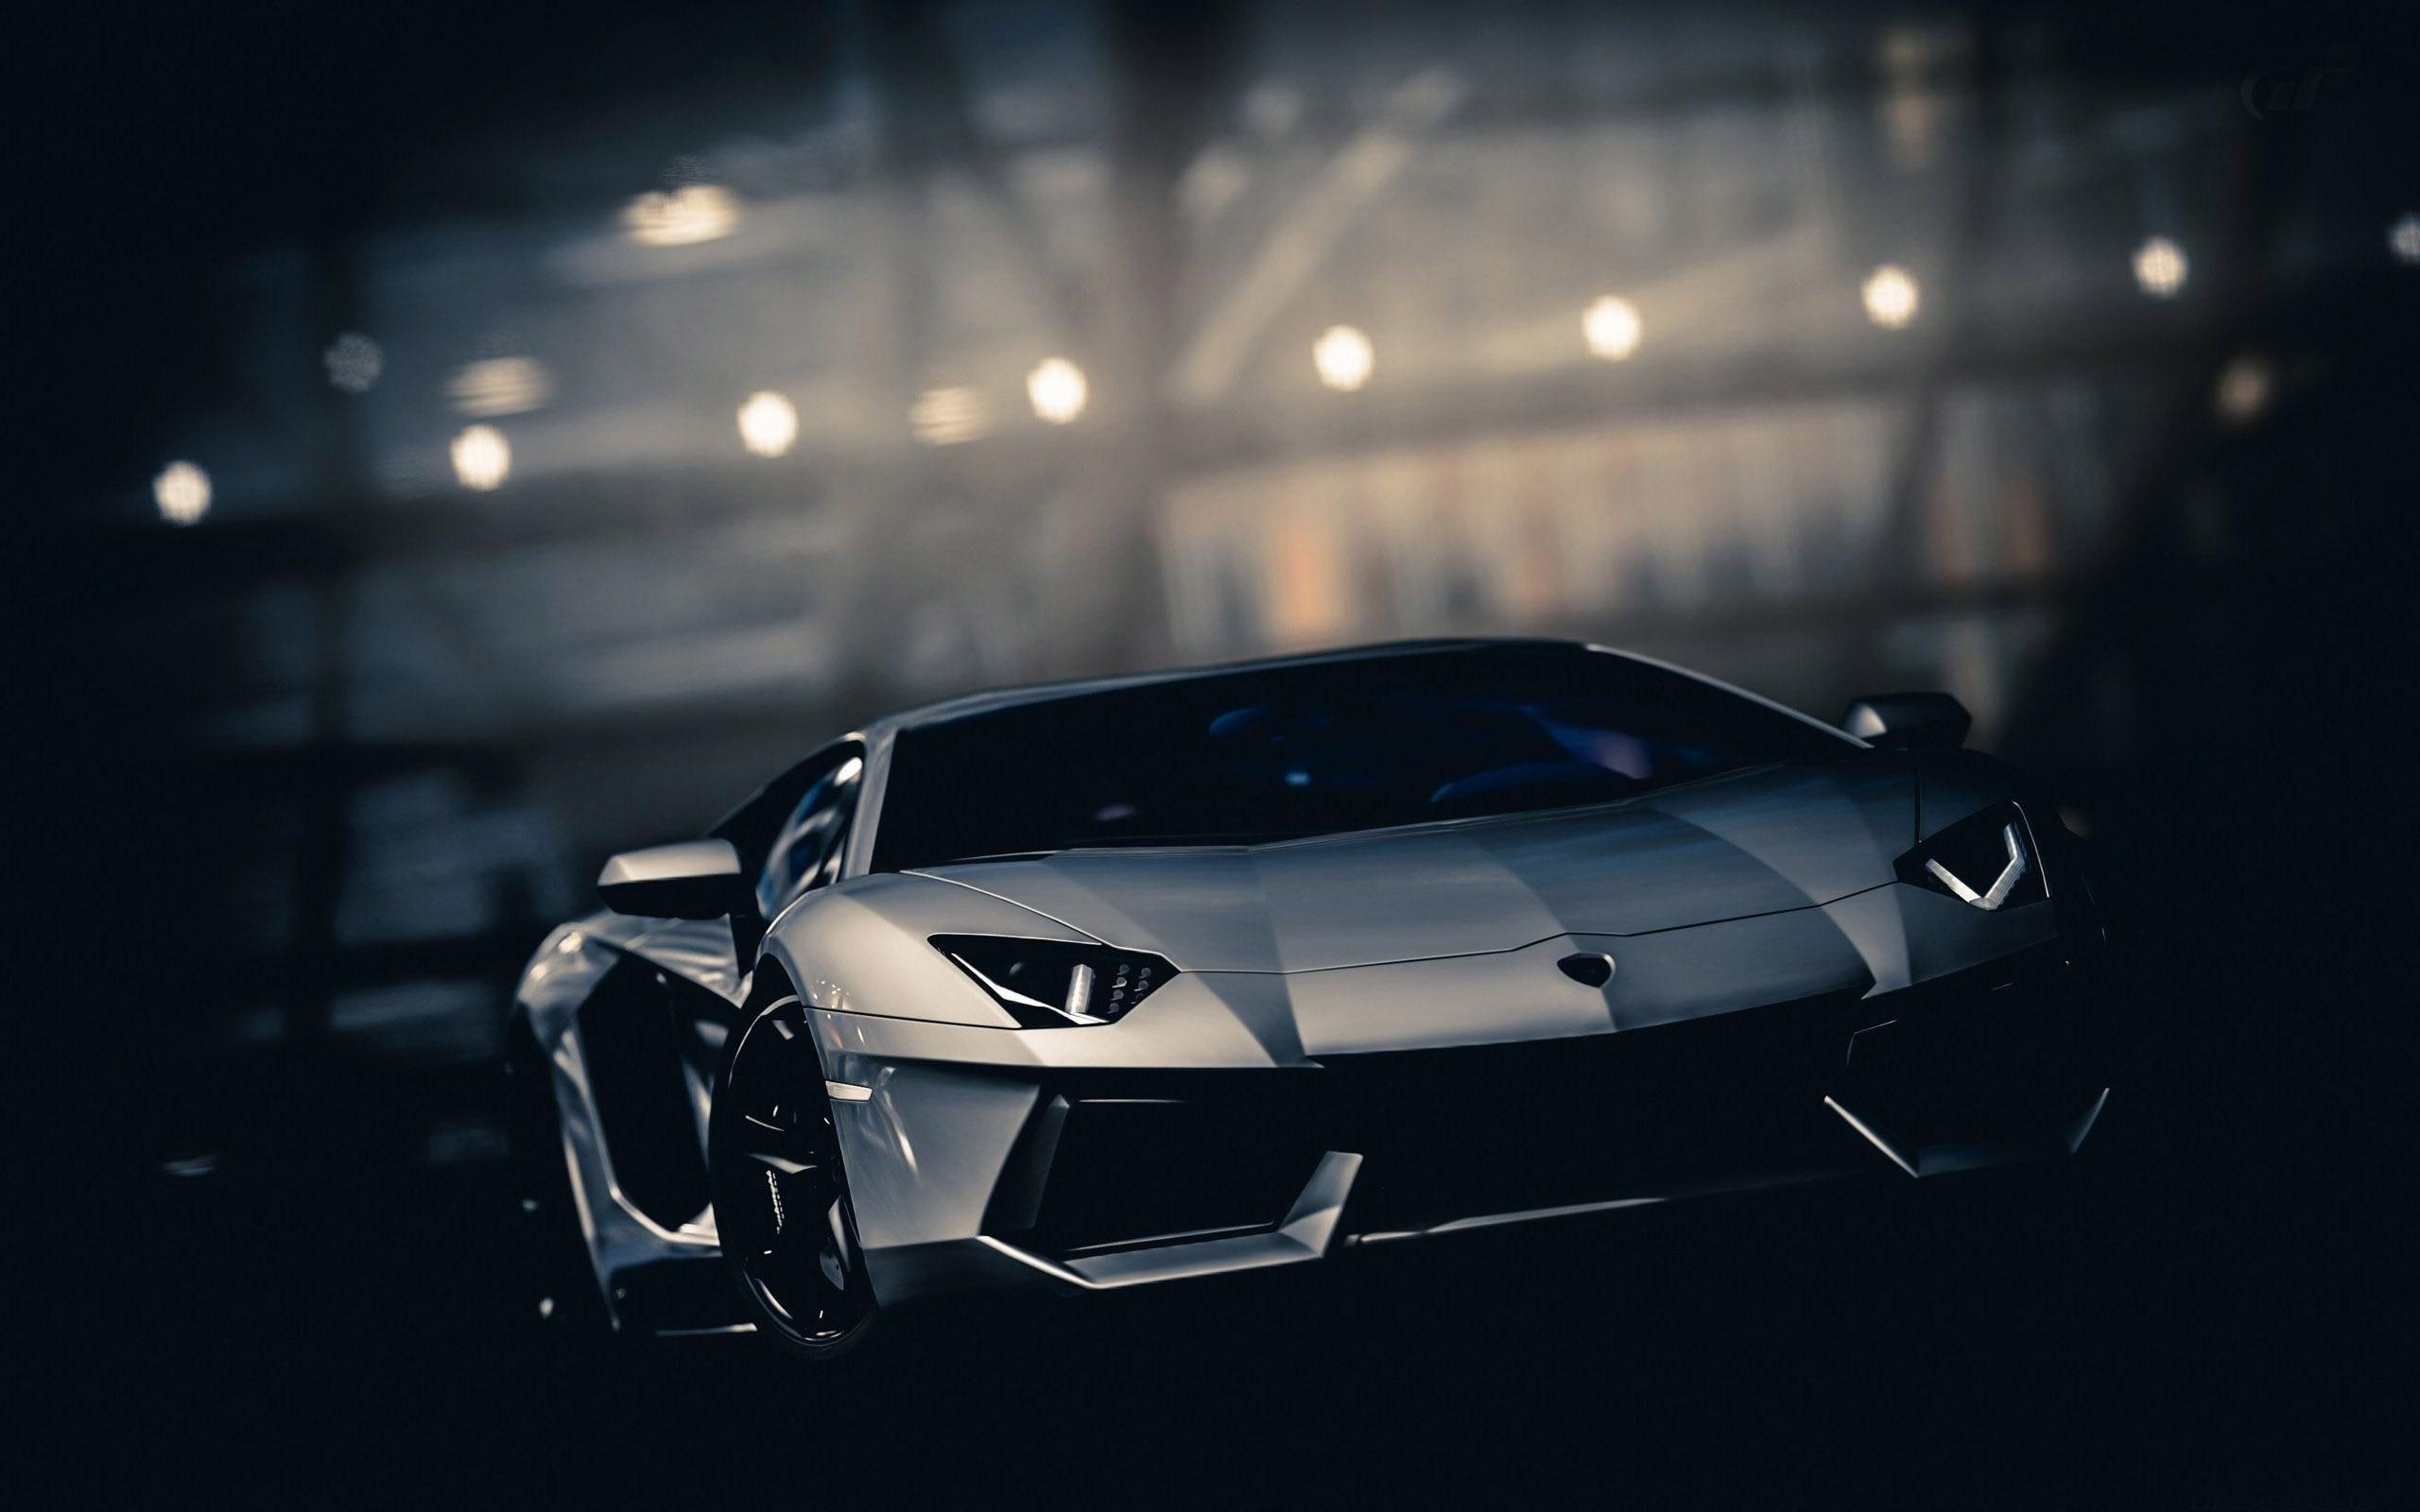 Free download car wallpaper Lamborghini Car Wallpaper Hd ...